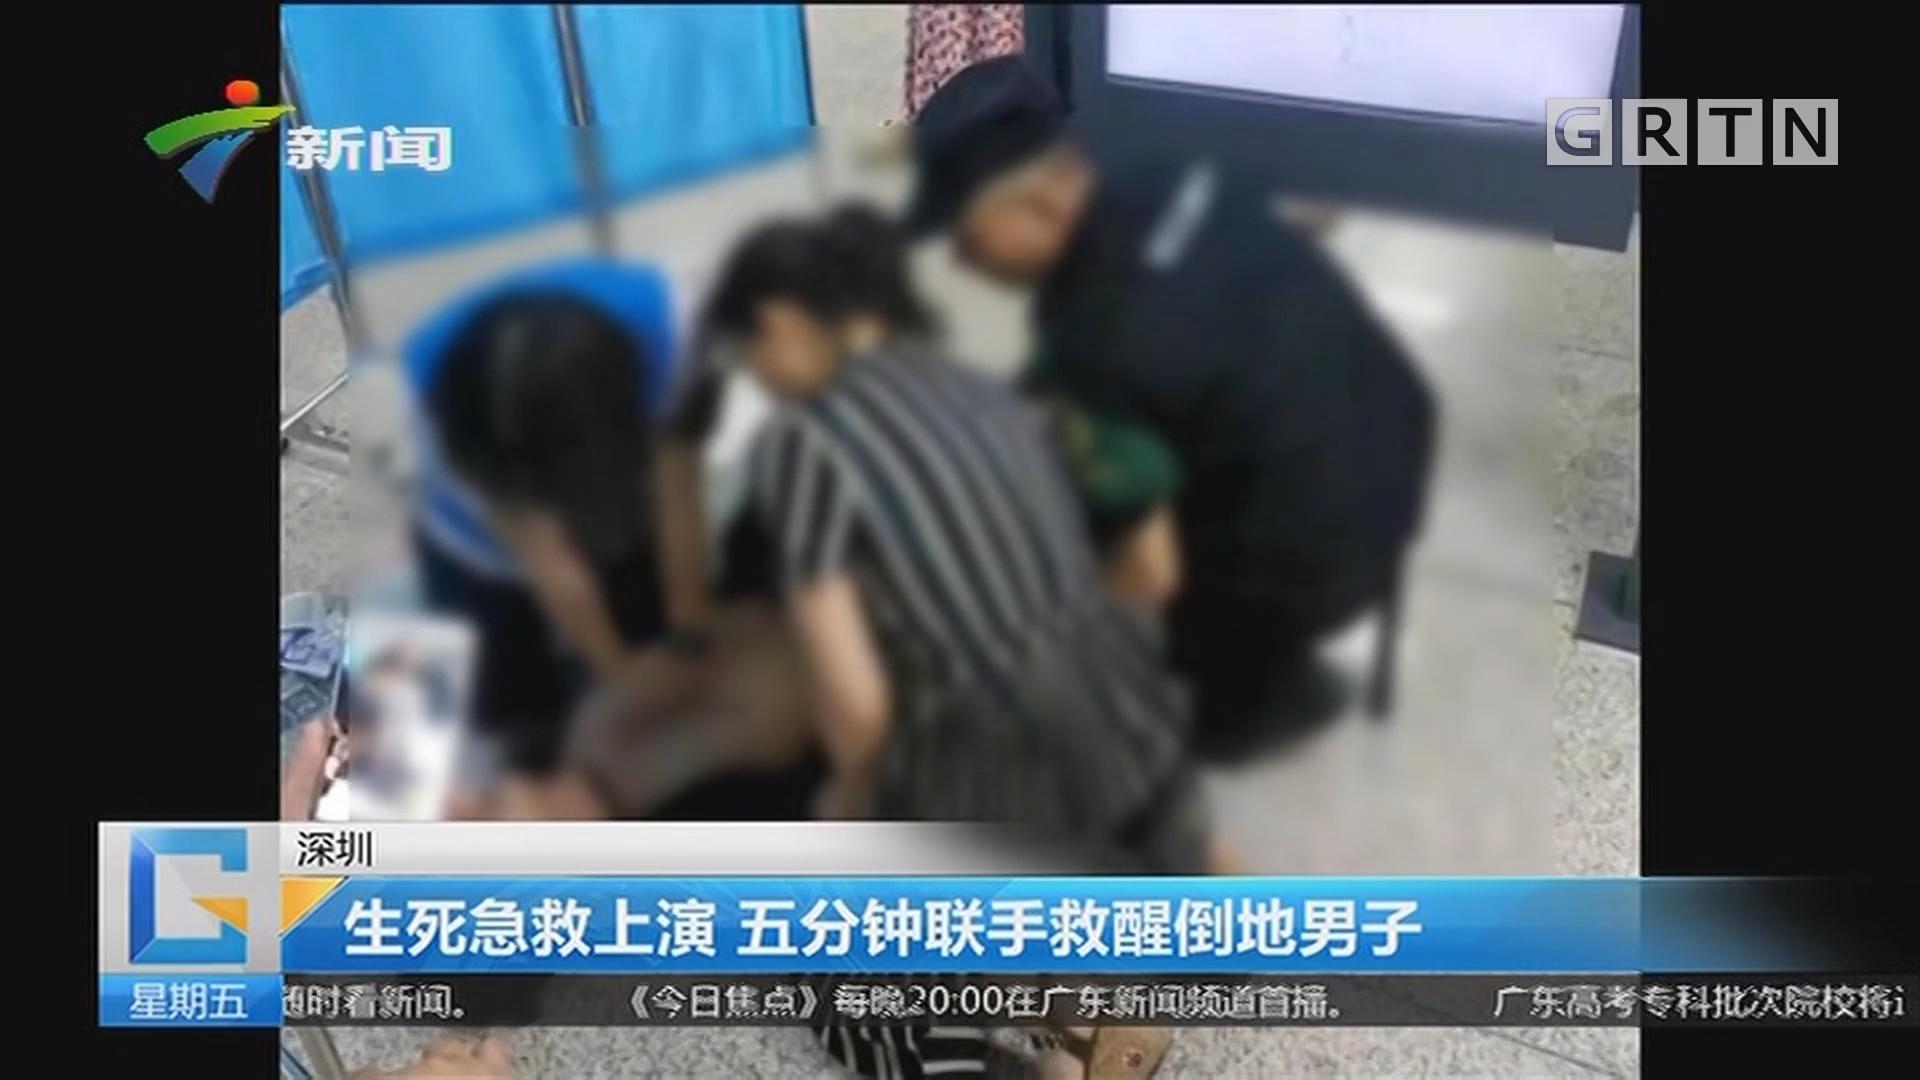 深圳:生死急救上演 五分钟联手救醒倒地男子